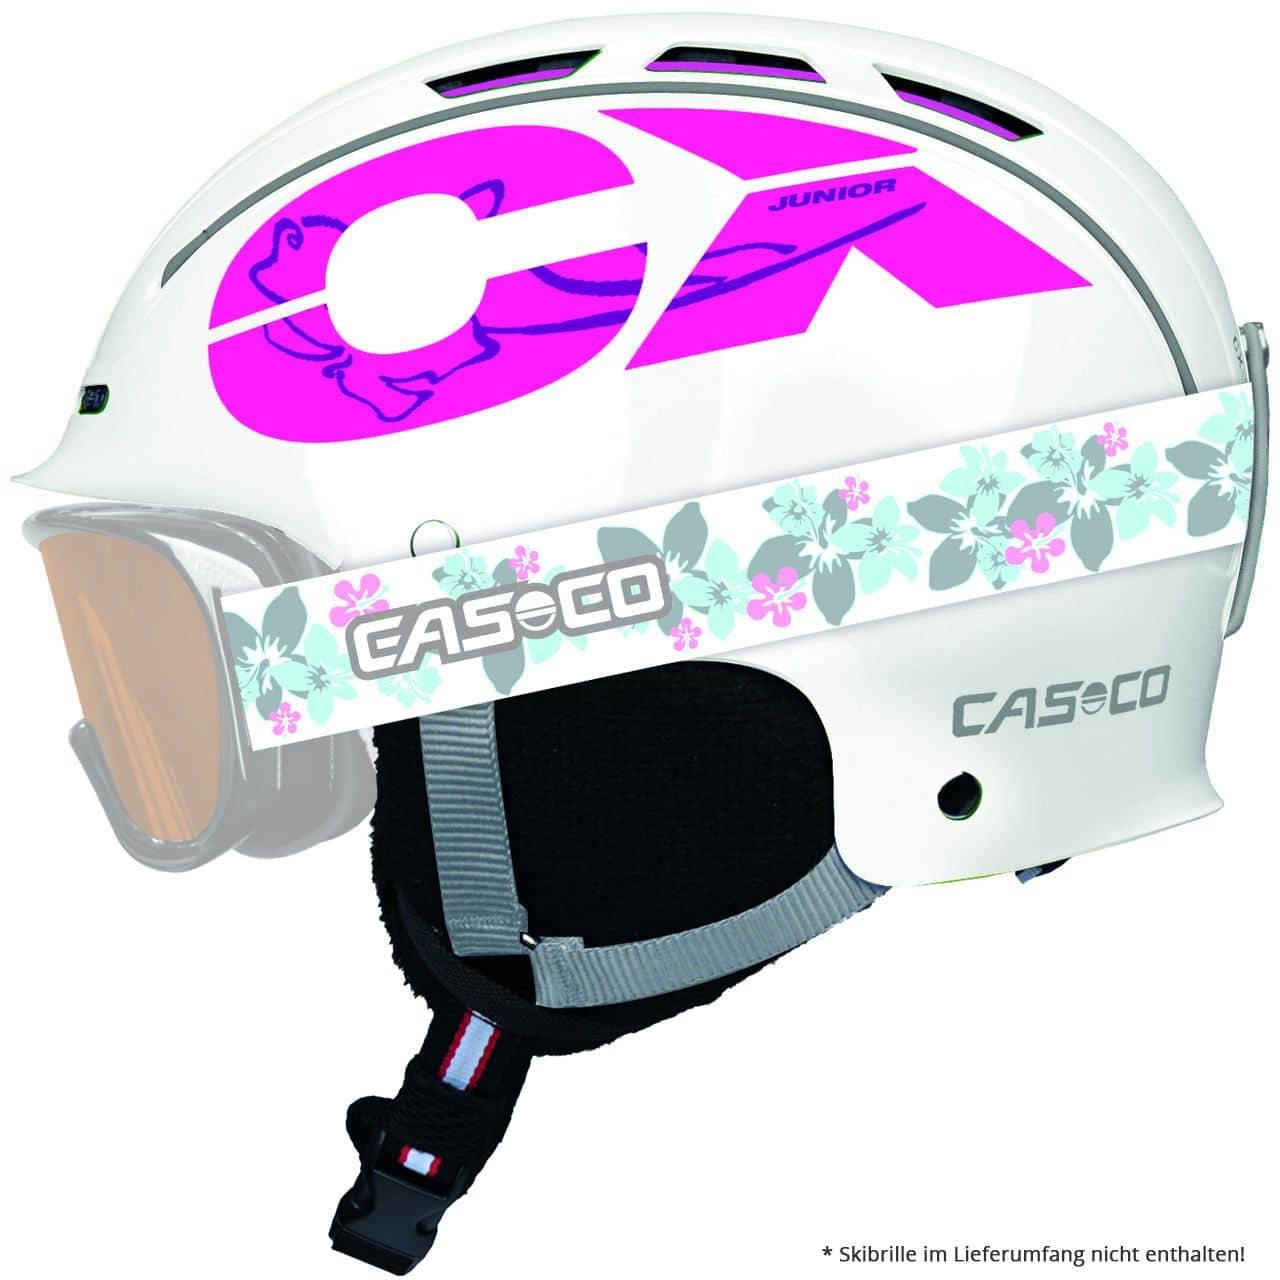 Casco CX-3 Junior weiss-pink (2018/19) - S = 50...